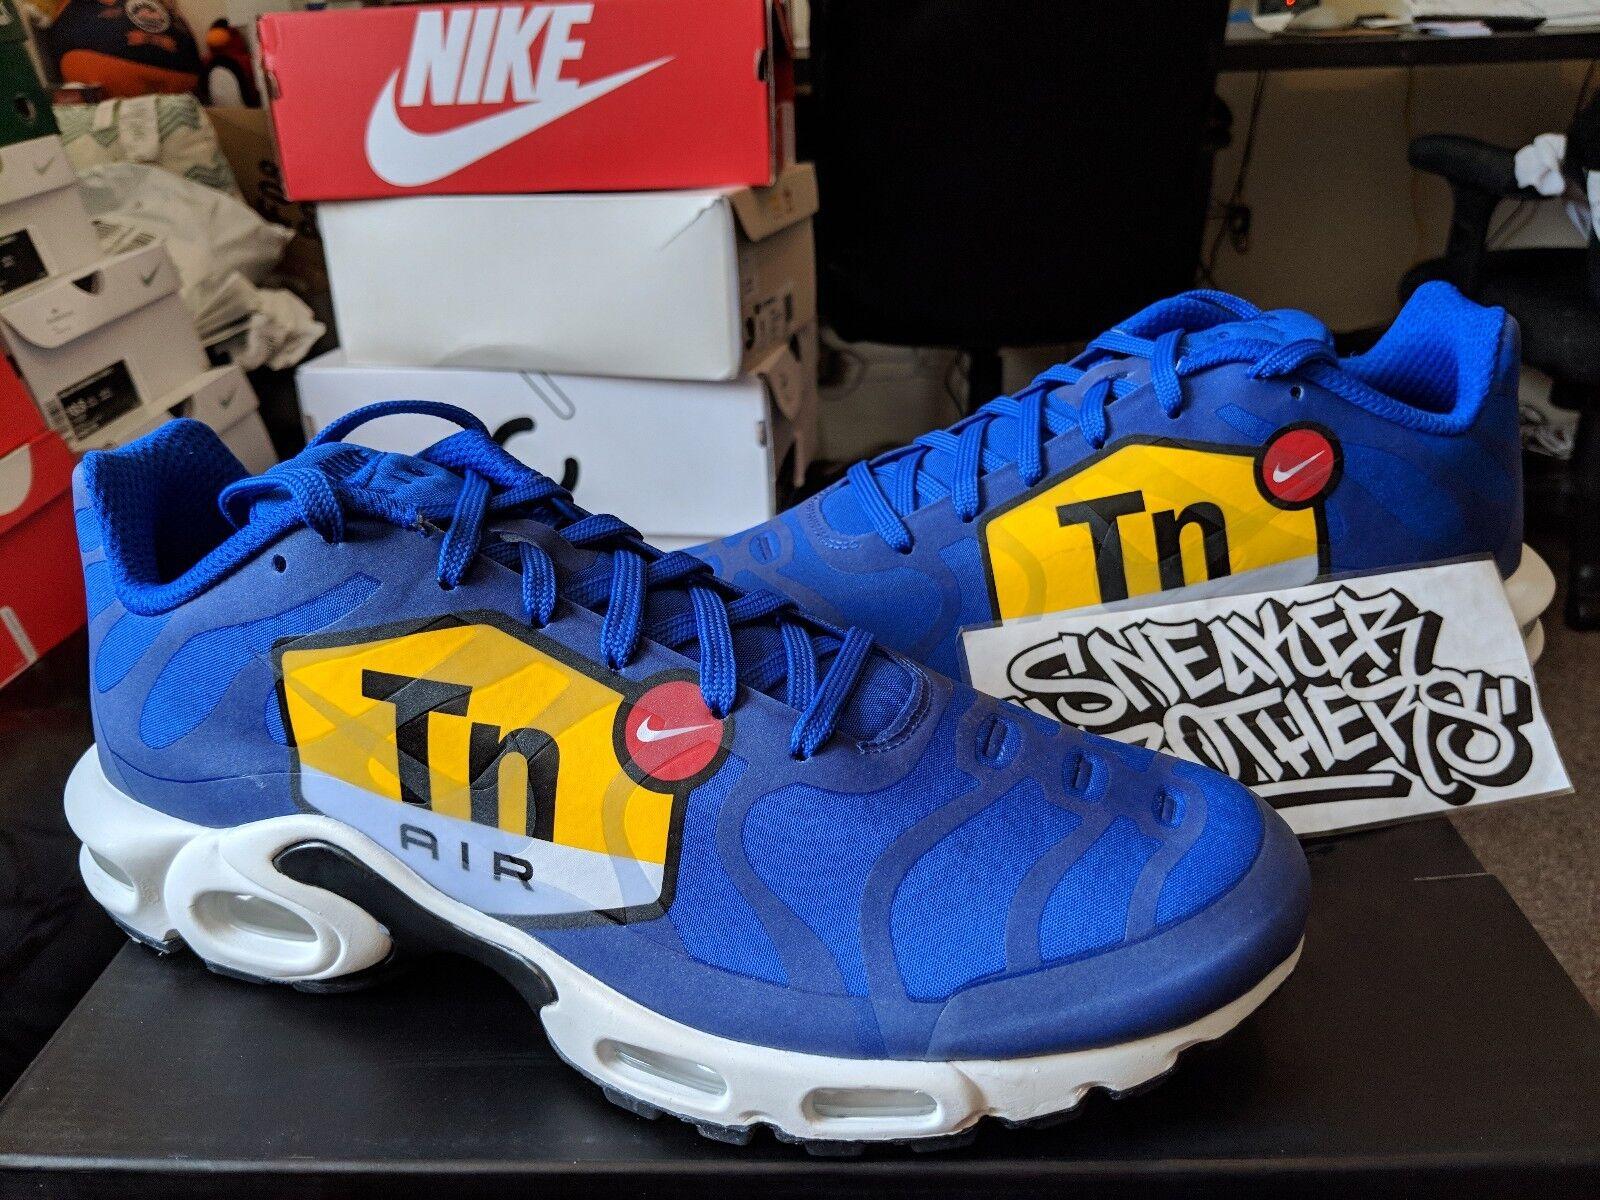 Nike Air Max Plus TN Tuned 1 NS NS NS GPX Big Logo Royal bluee Black White AJ7181-400 541757